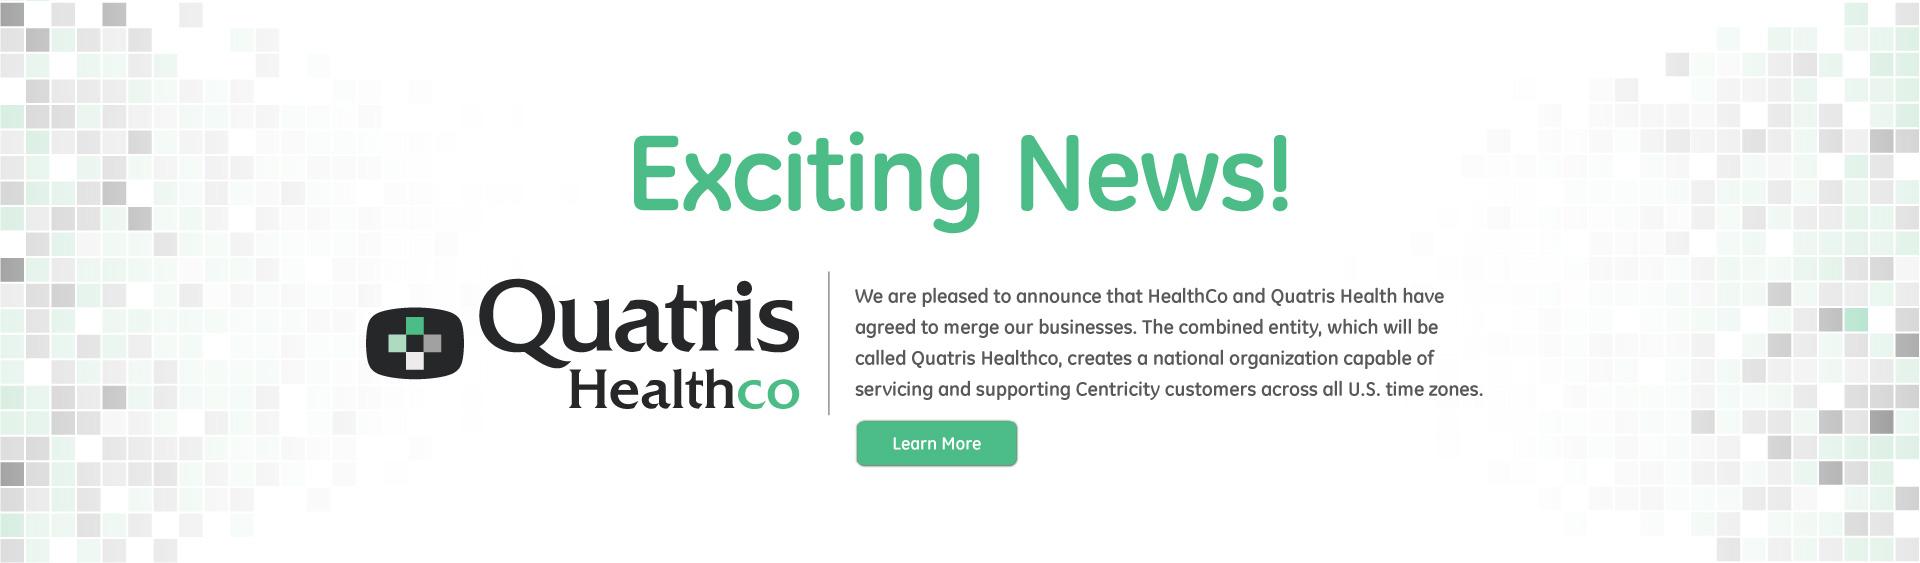 Healthco Quatris Merger